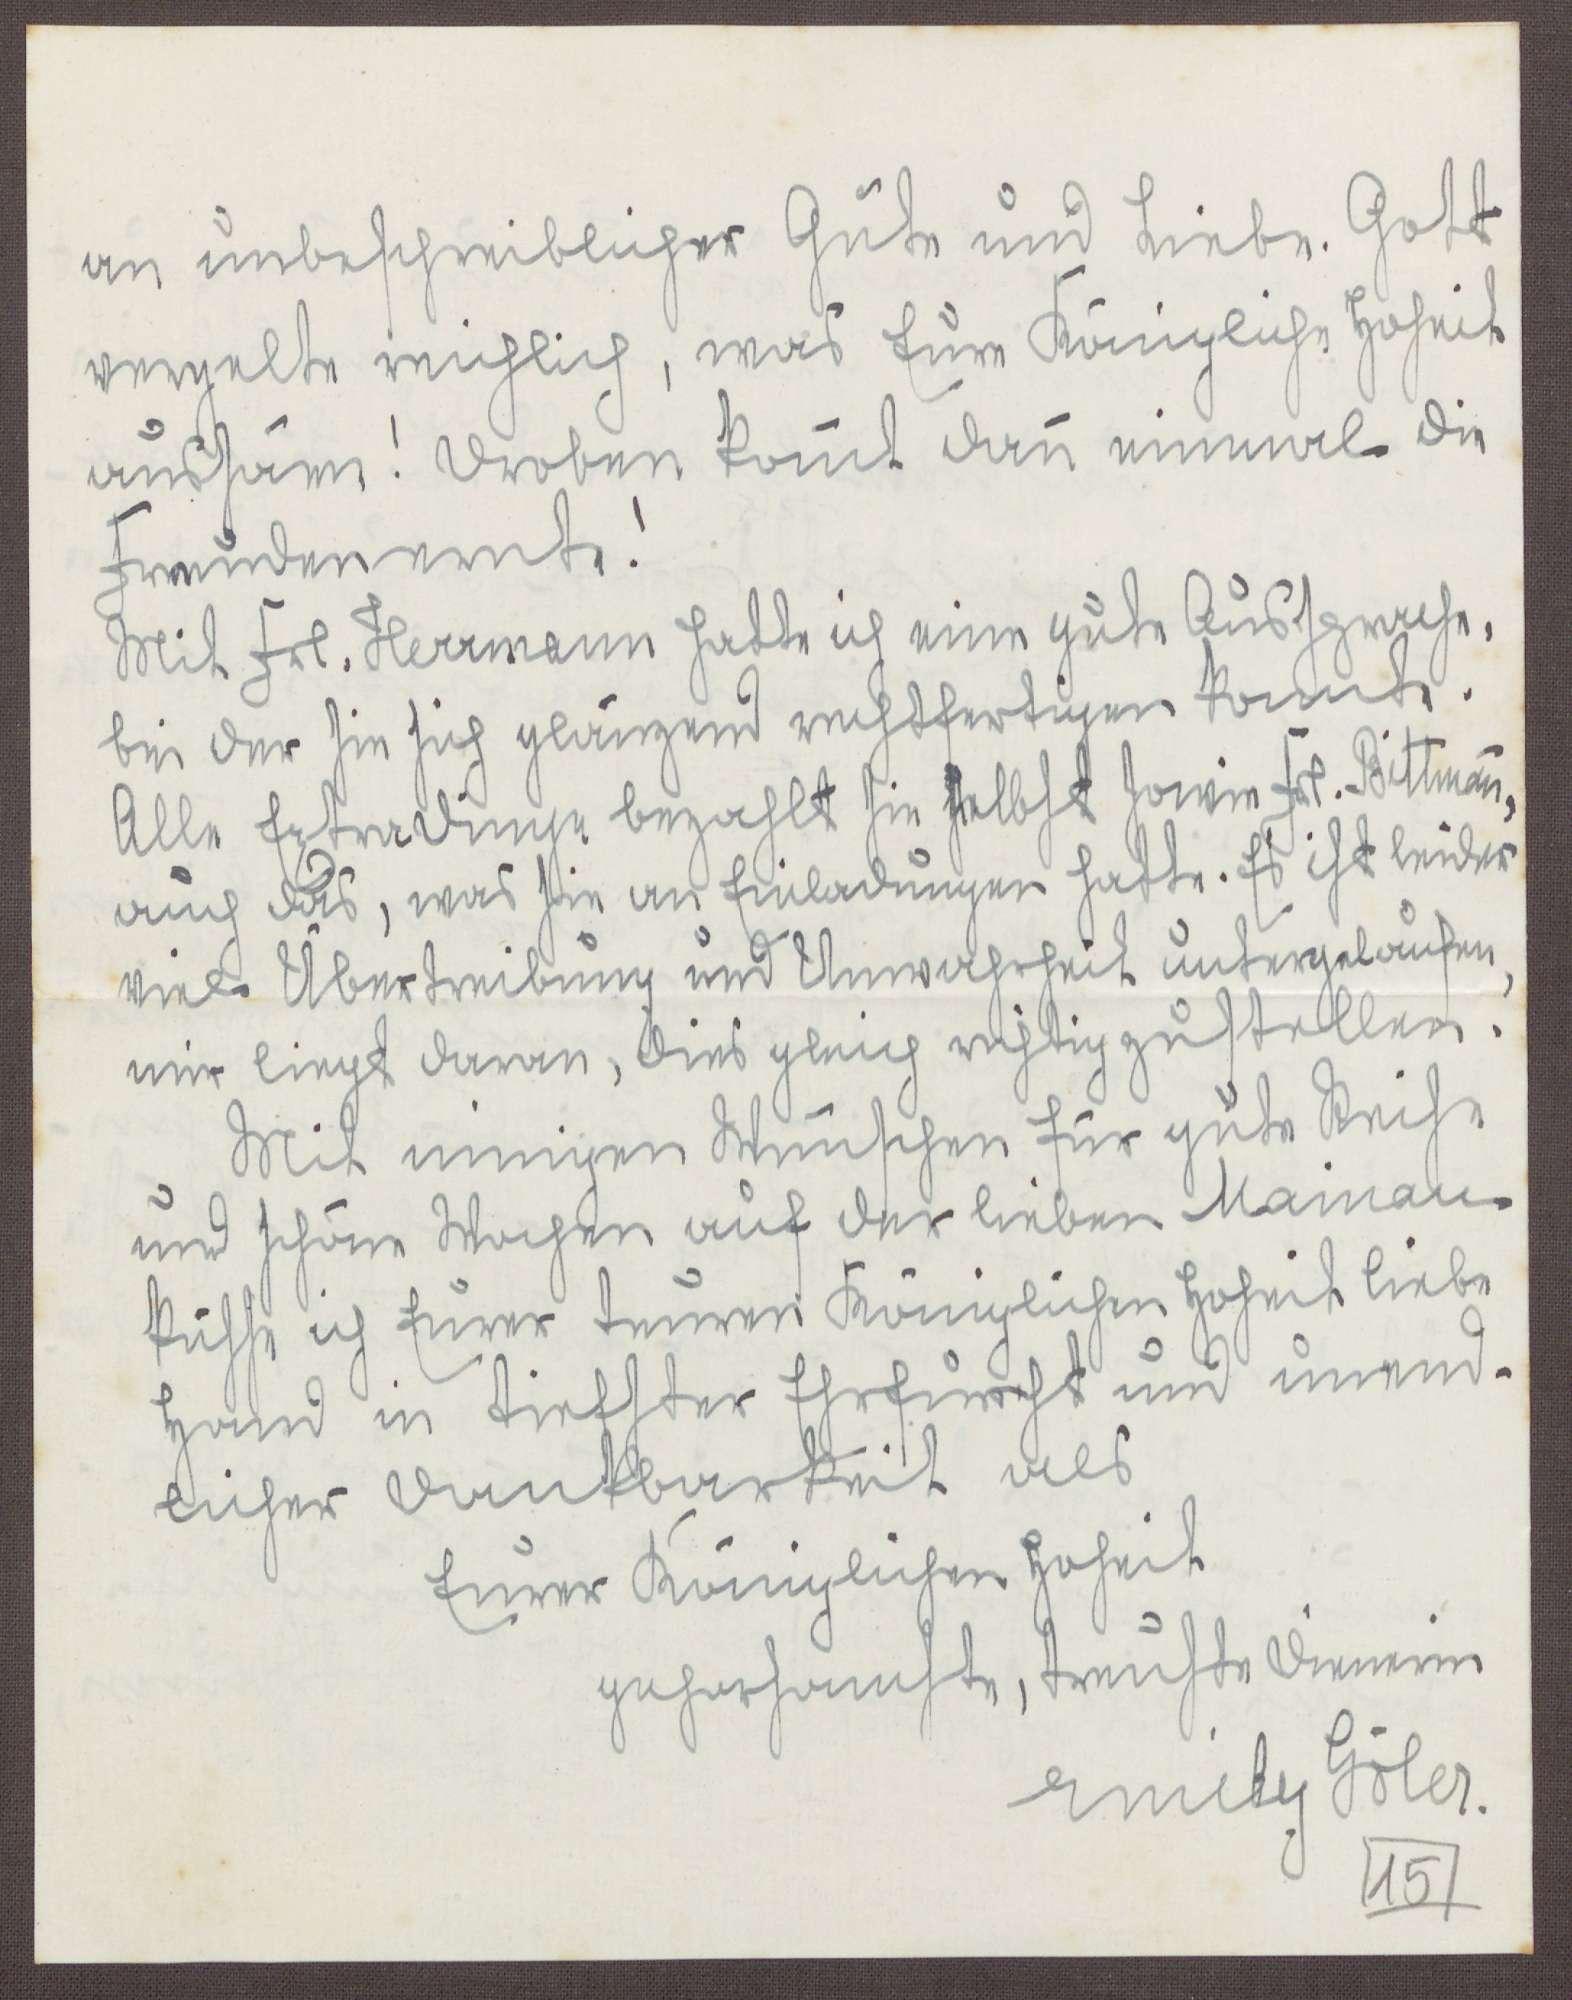 Schreiben von Emilie Göler an die Großherzogin Luise; Treffen mit dem Großherzog Friedrich II., Bild 3